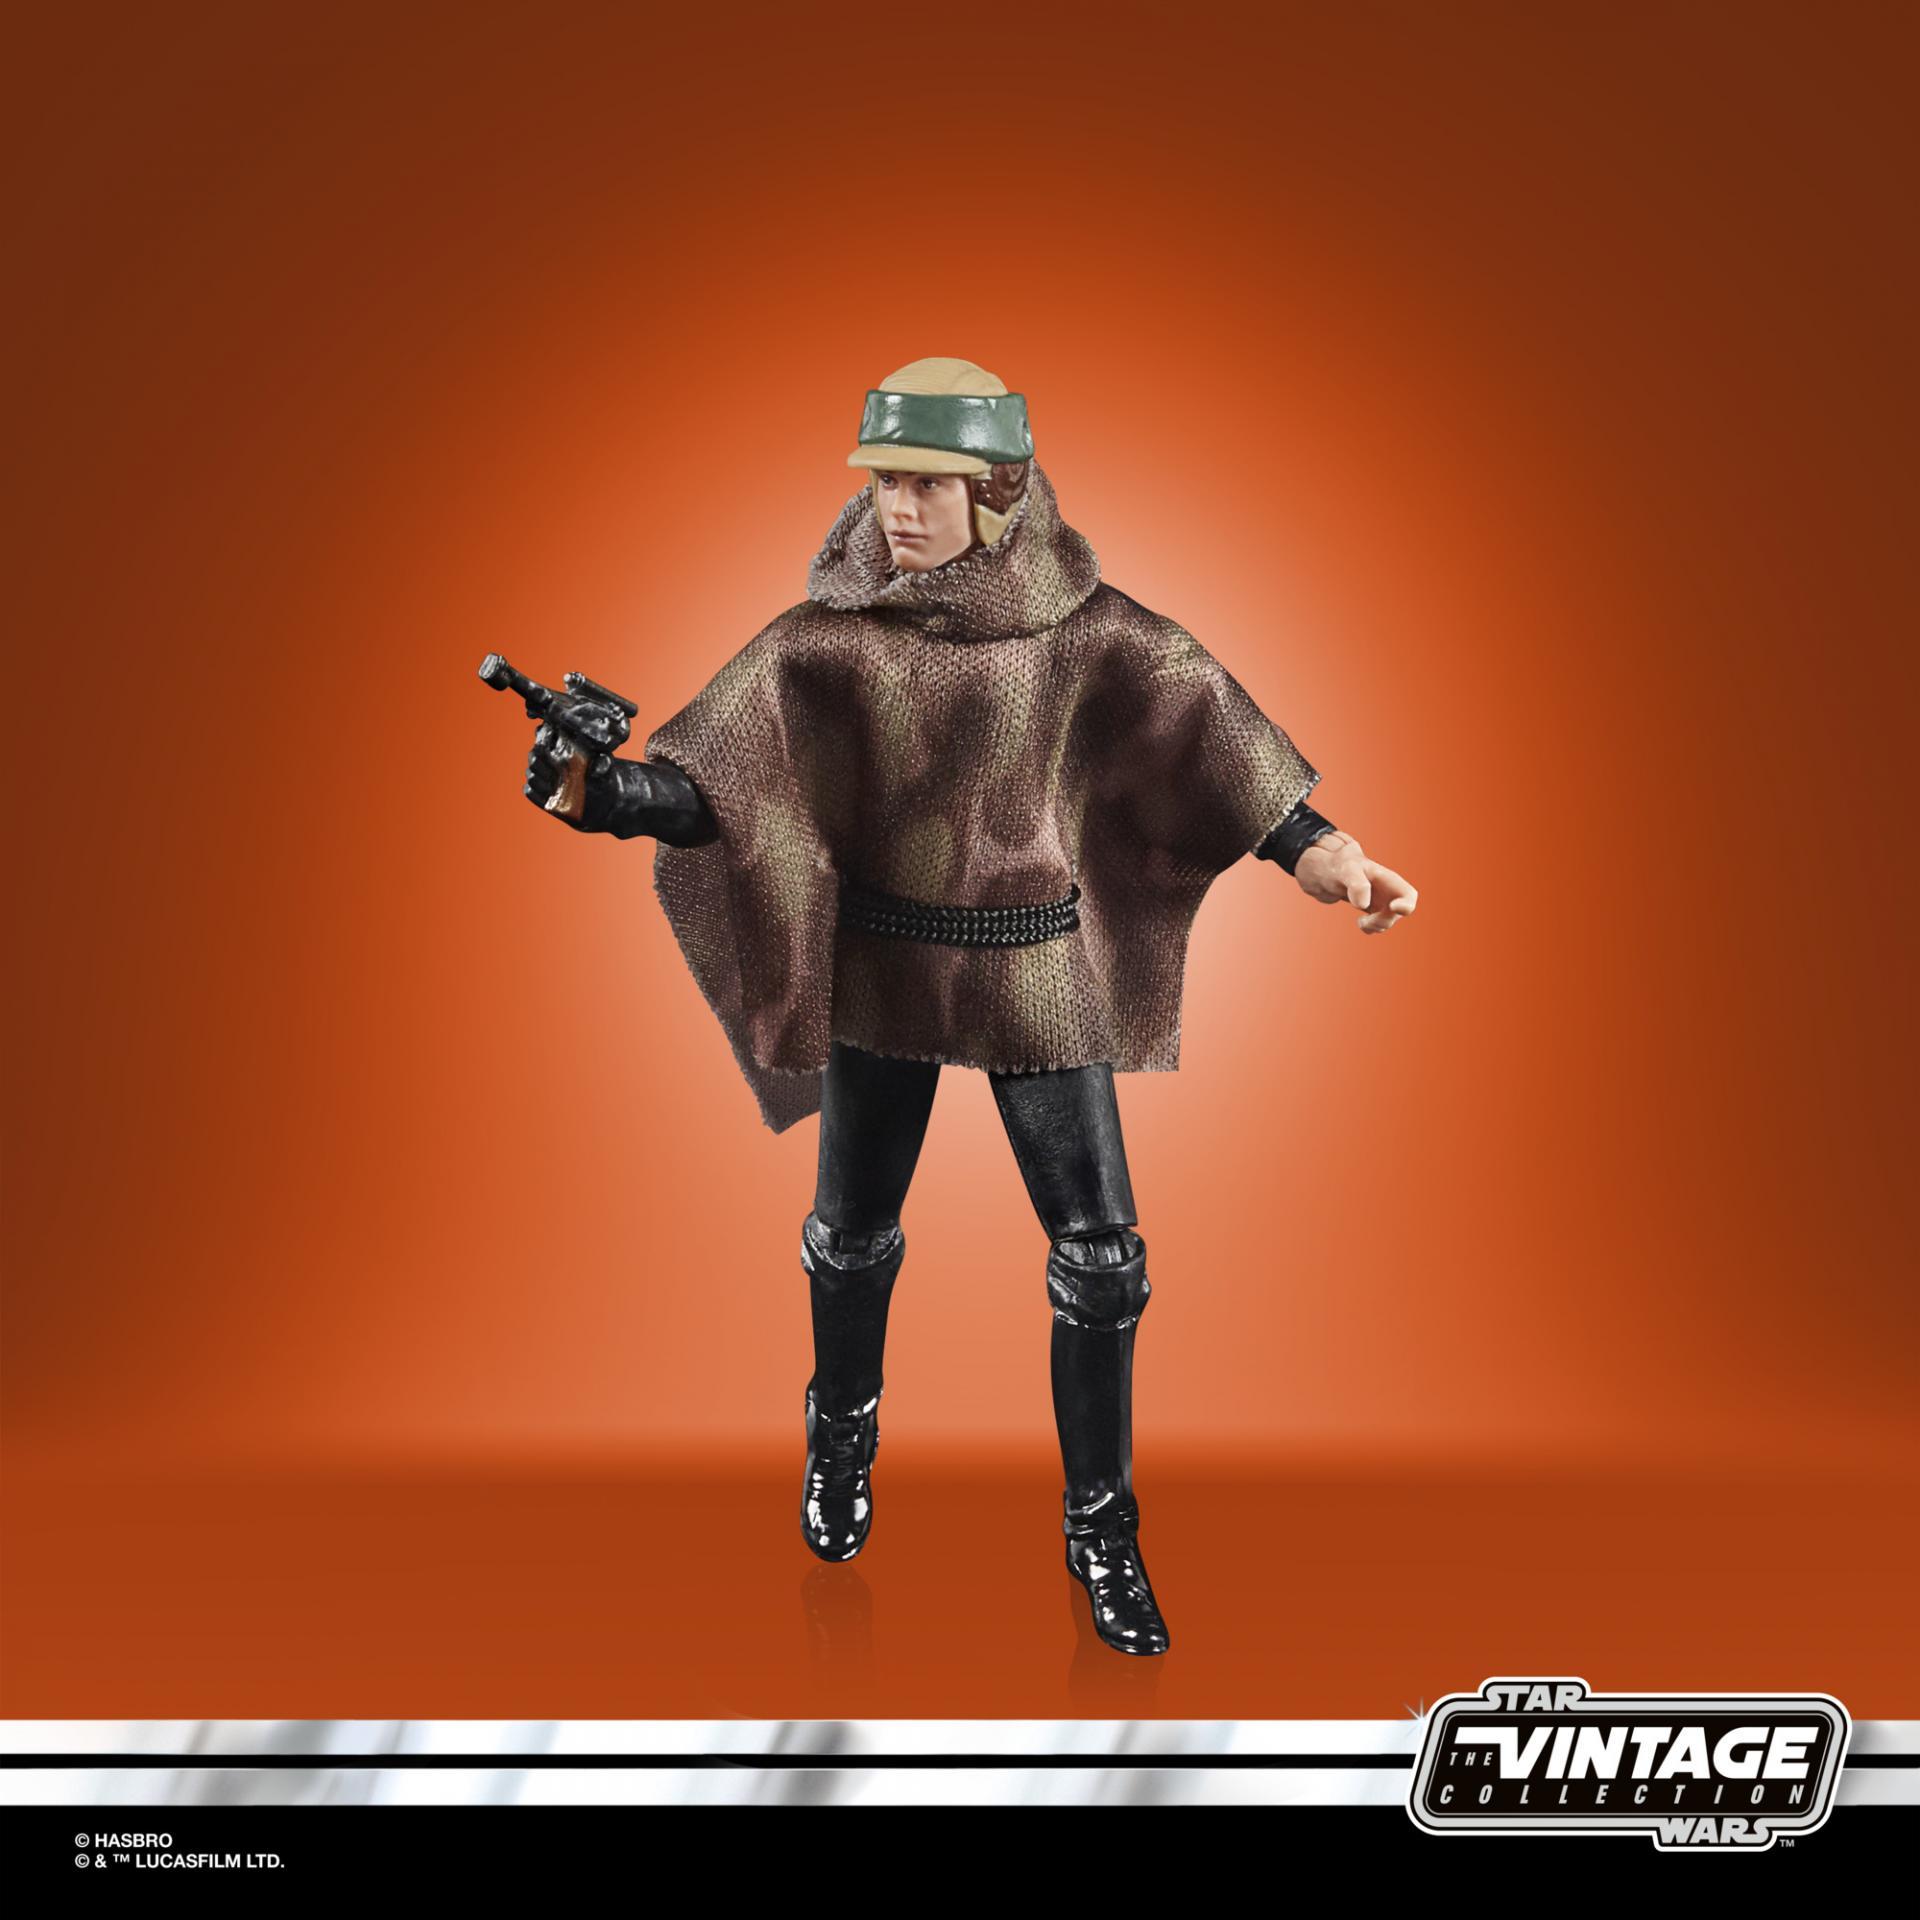 Star wars the vintage collection luke skywalker endor 10